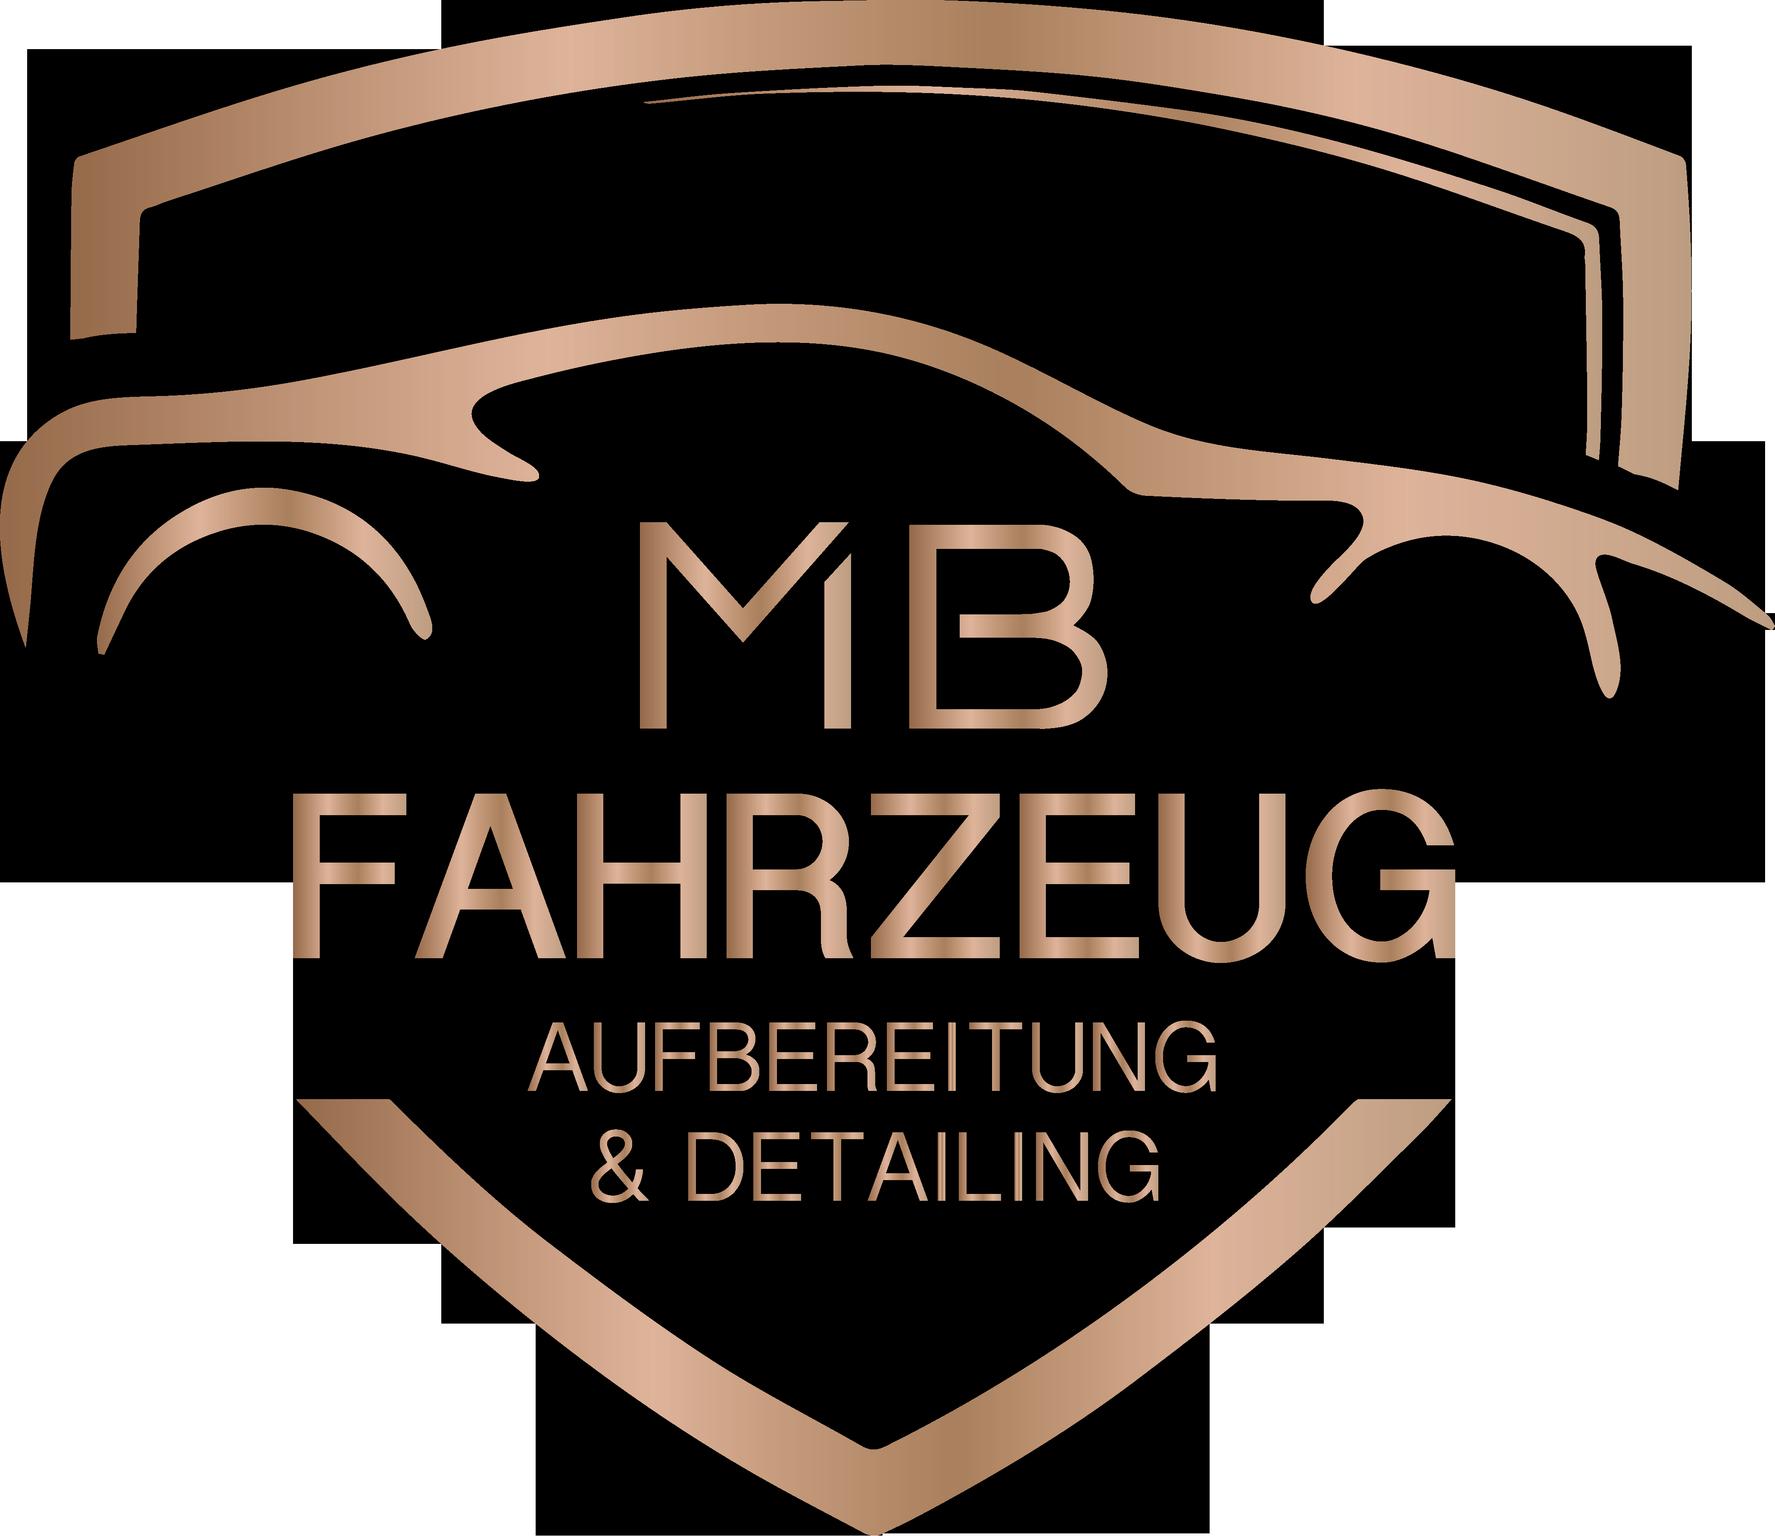 MB-Fahrzeugaufbereitung